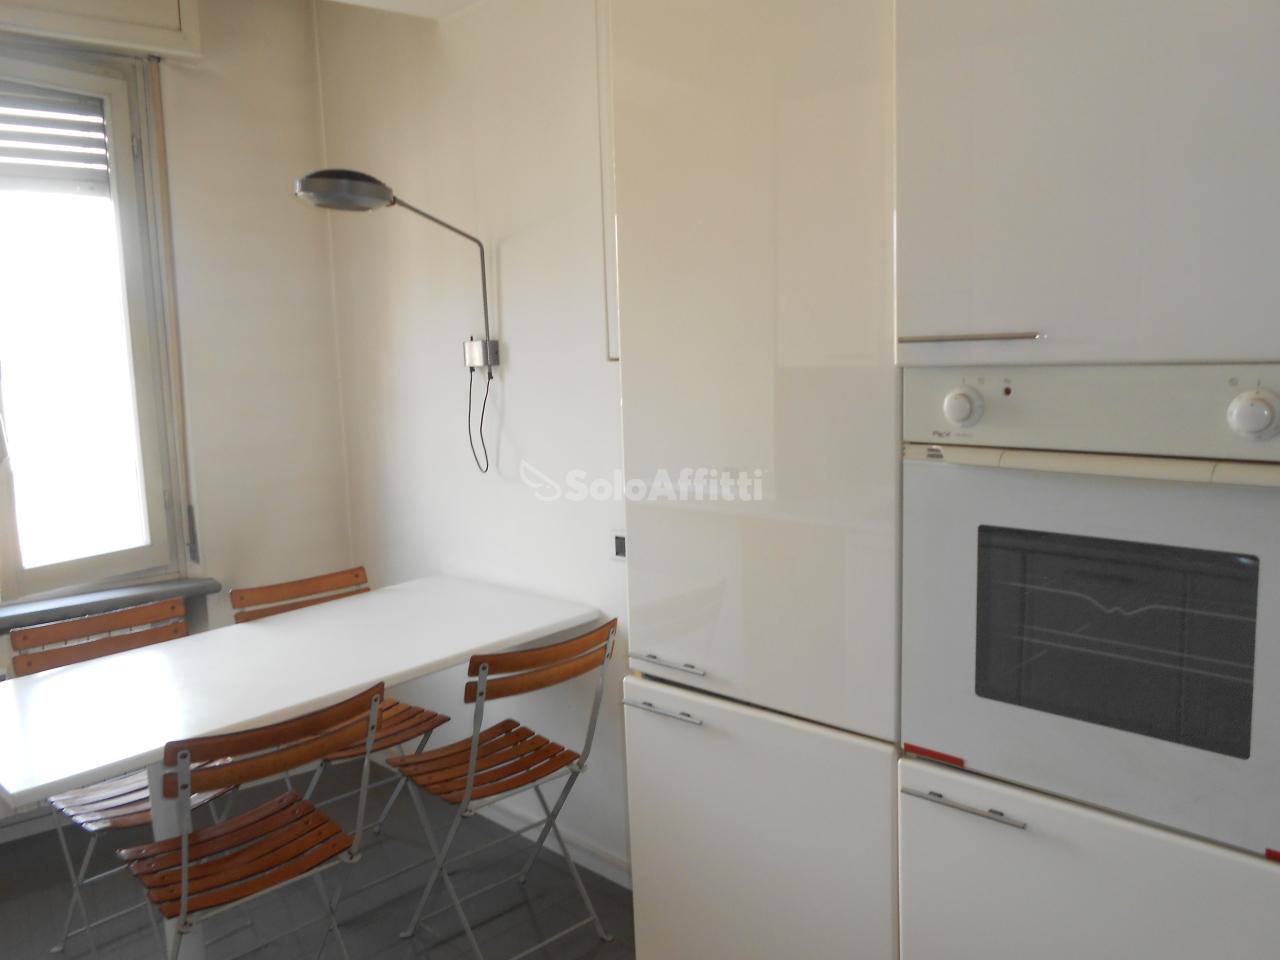 Appartamenti e Attici PAVIA affitto  Centro  Erredi di Domanico Silvana D.I.